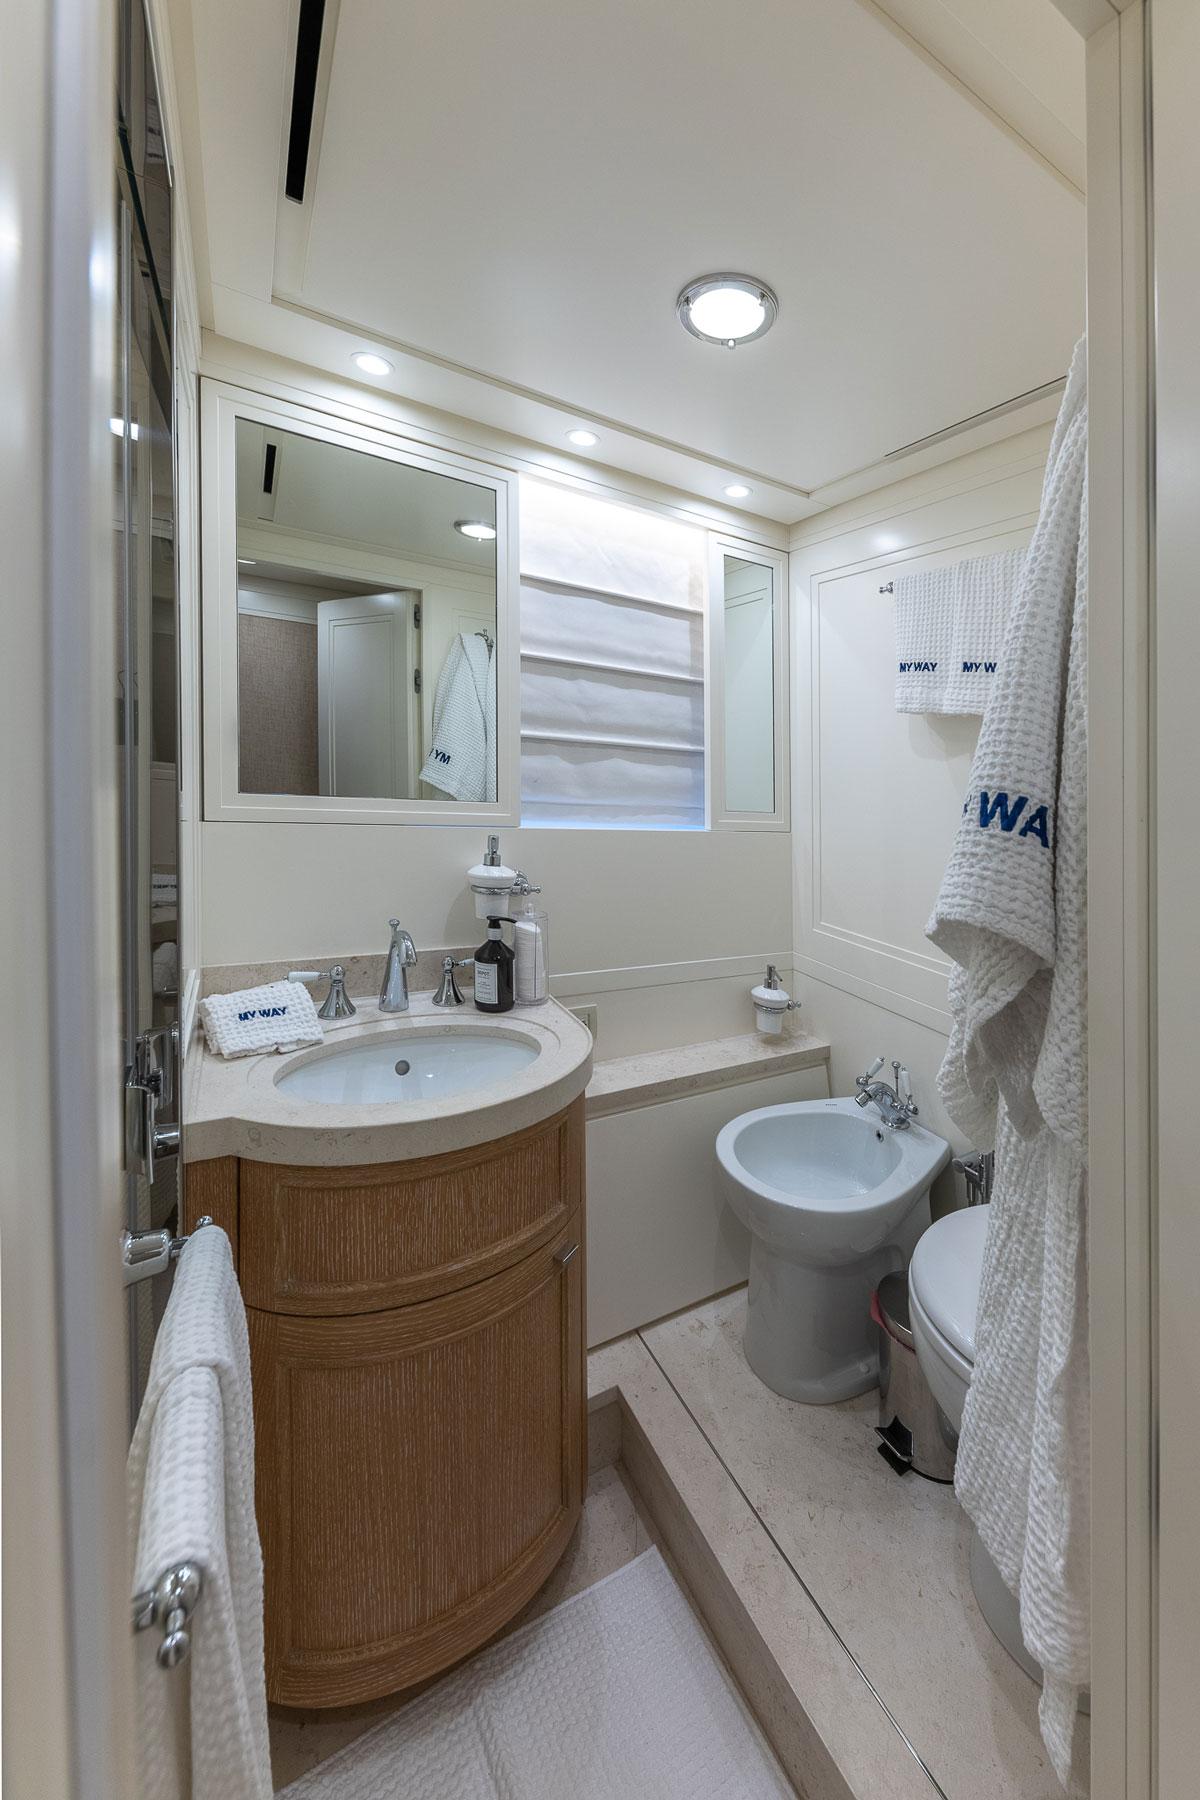 my-way-bathroom-yacht